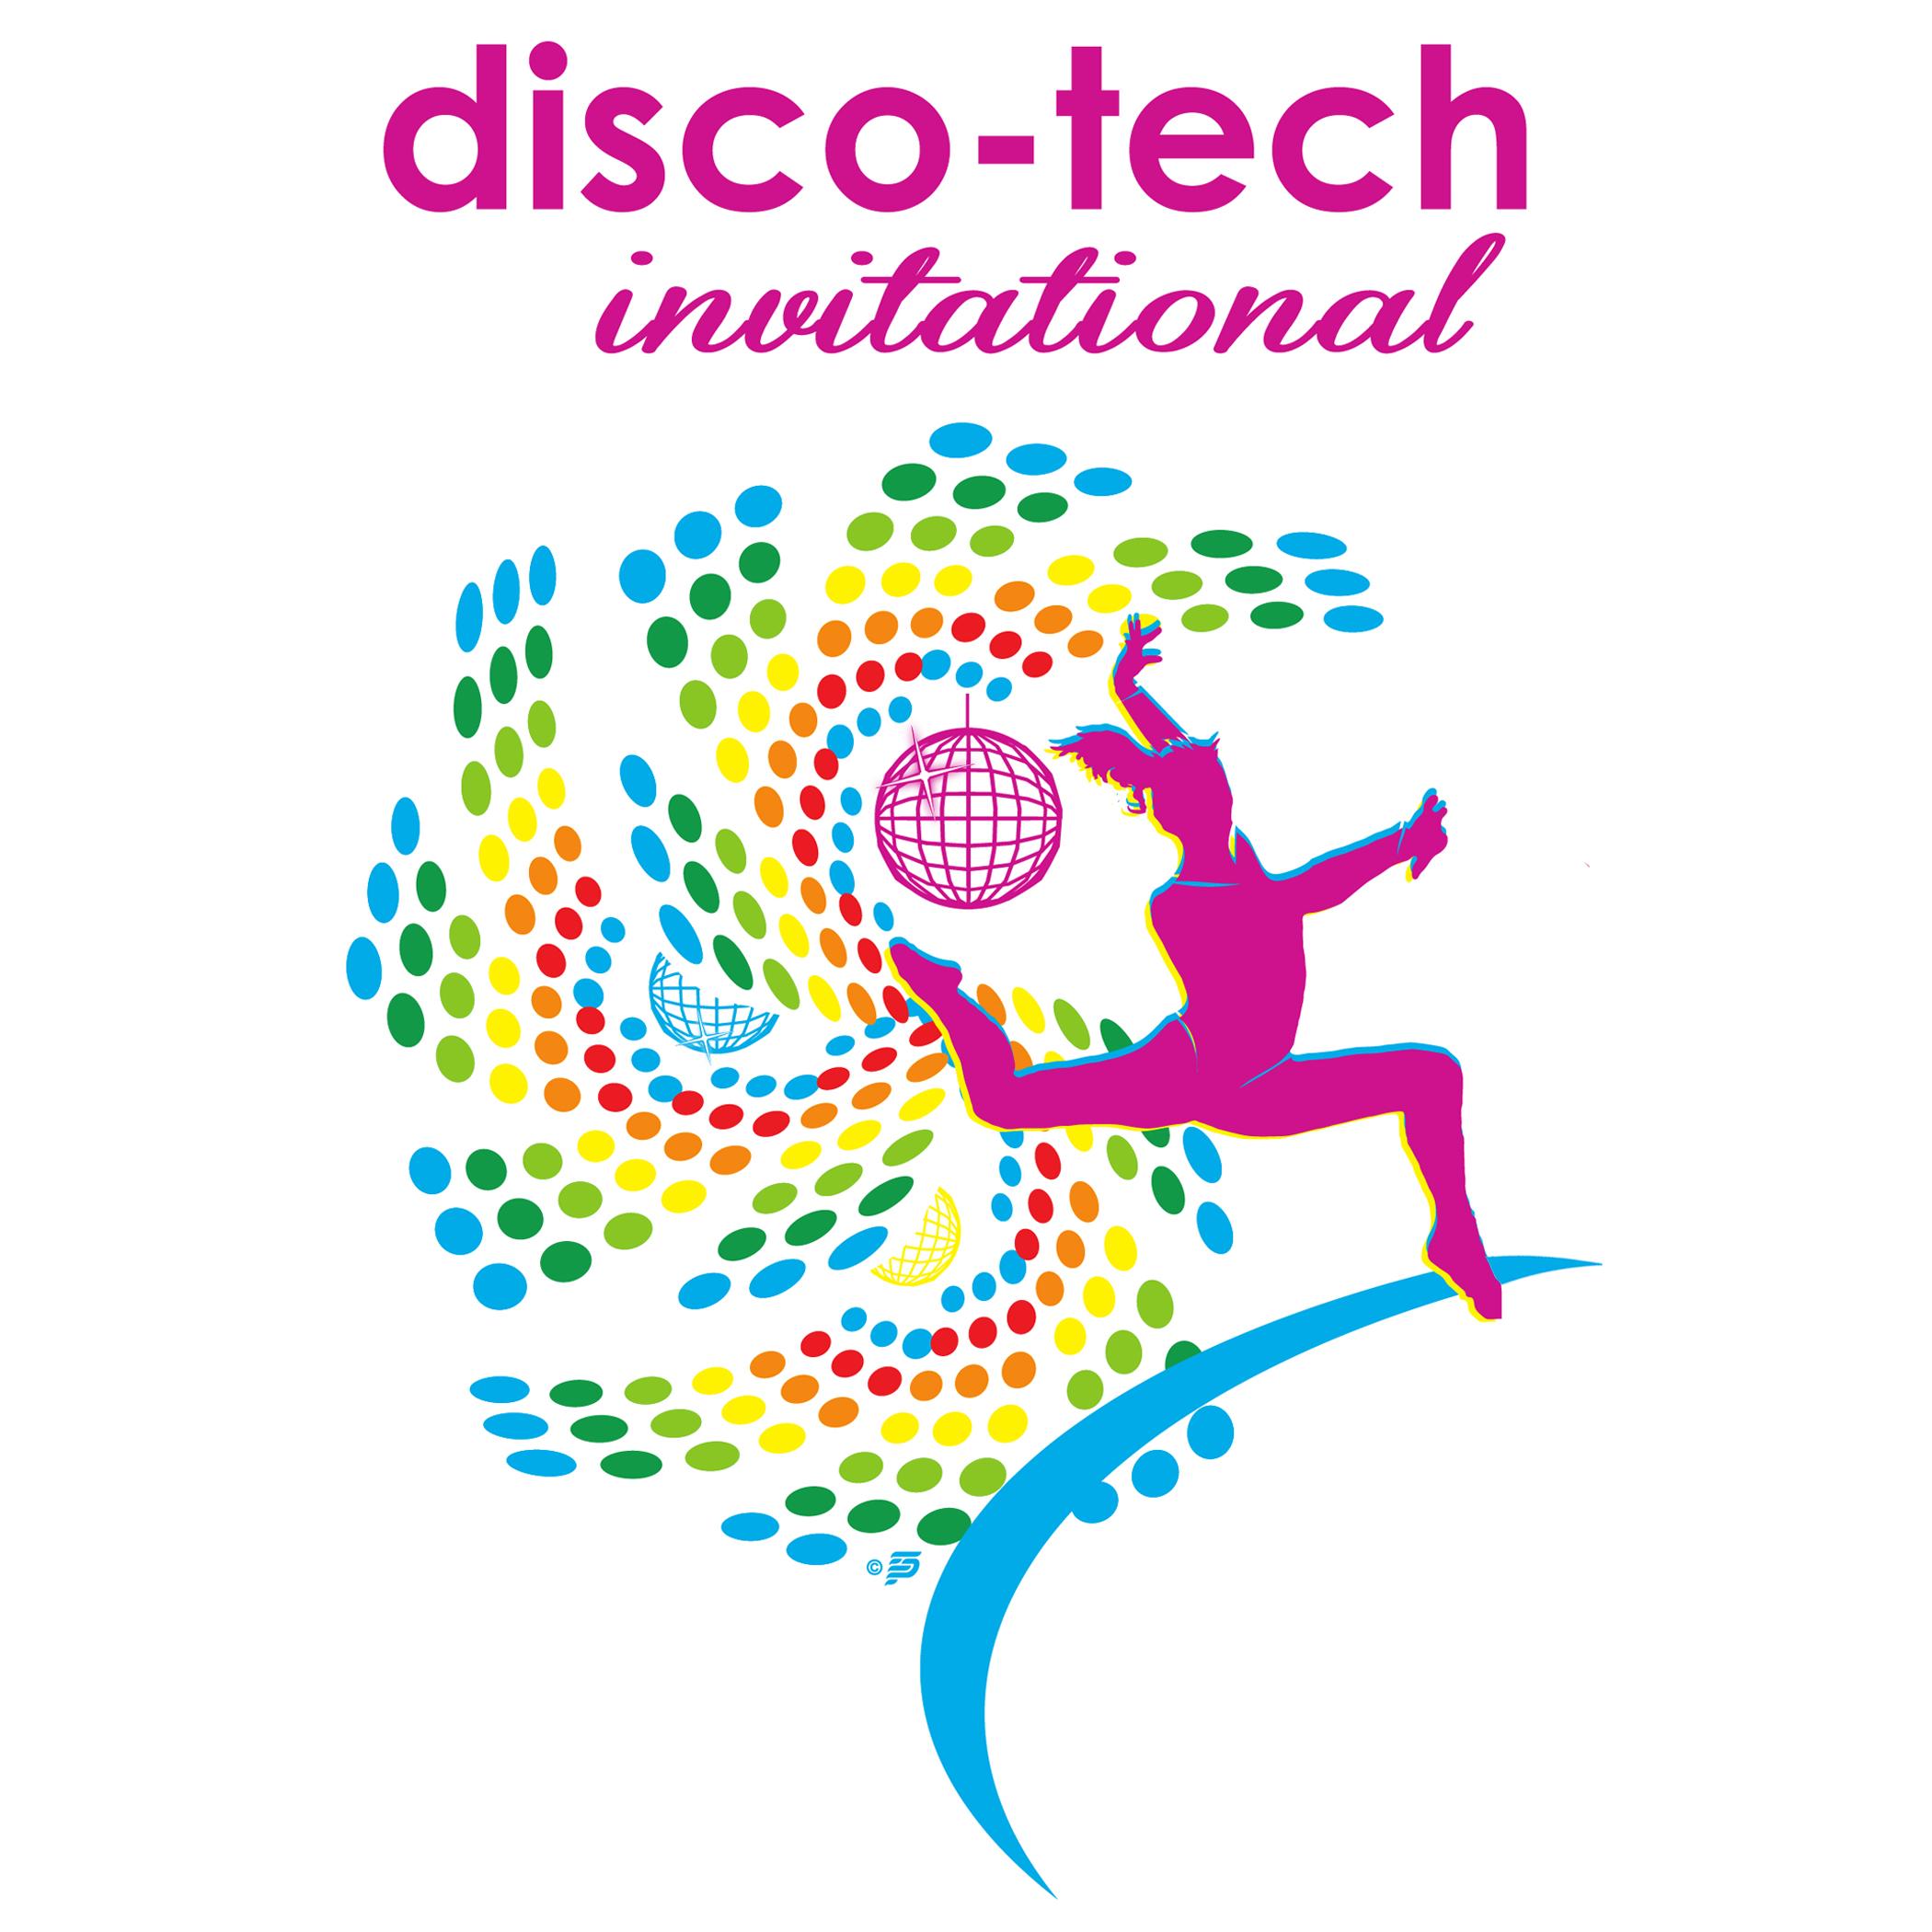 ca-disco-tech-invitational